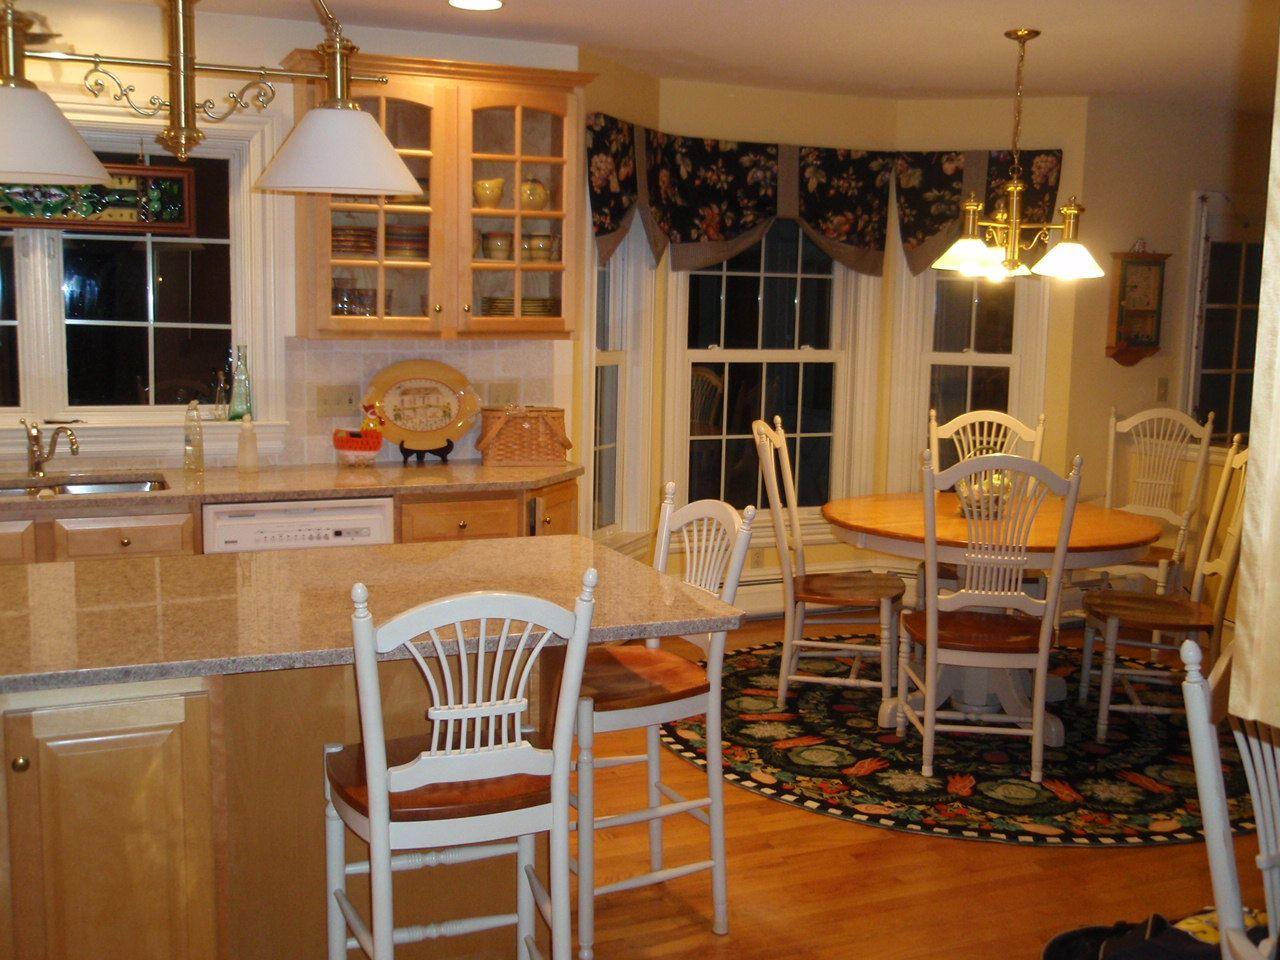 Inviting kitchen home decor ideas pinterest for Home decor kitchen